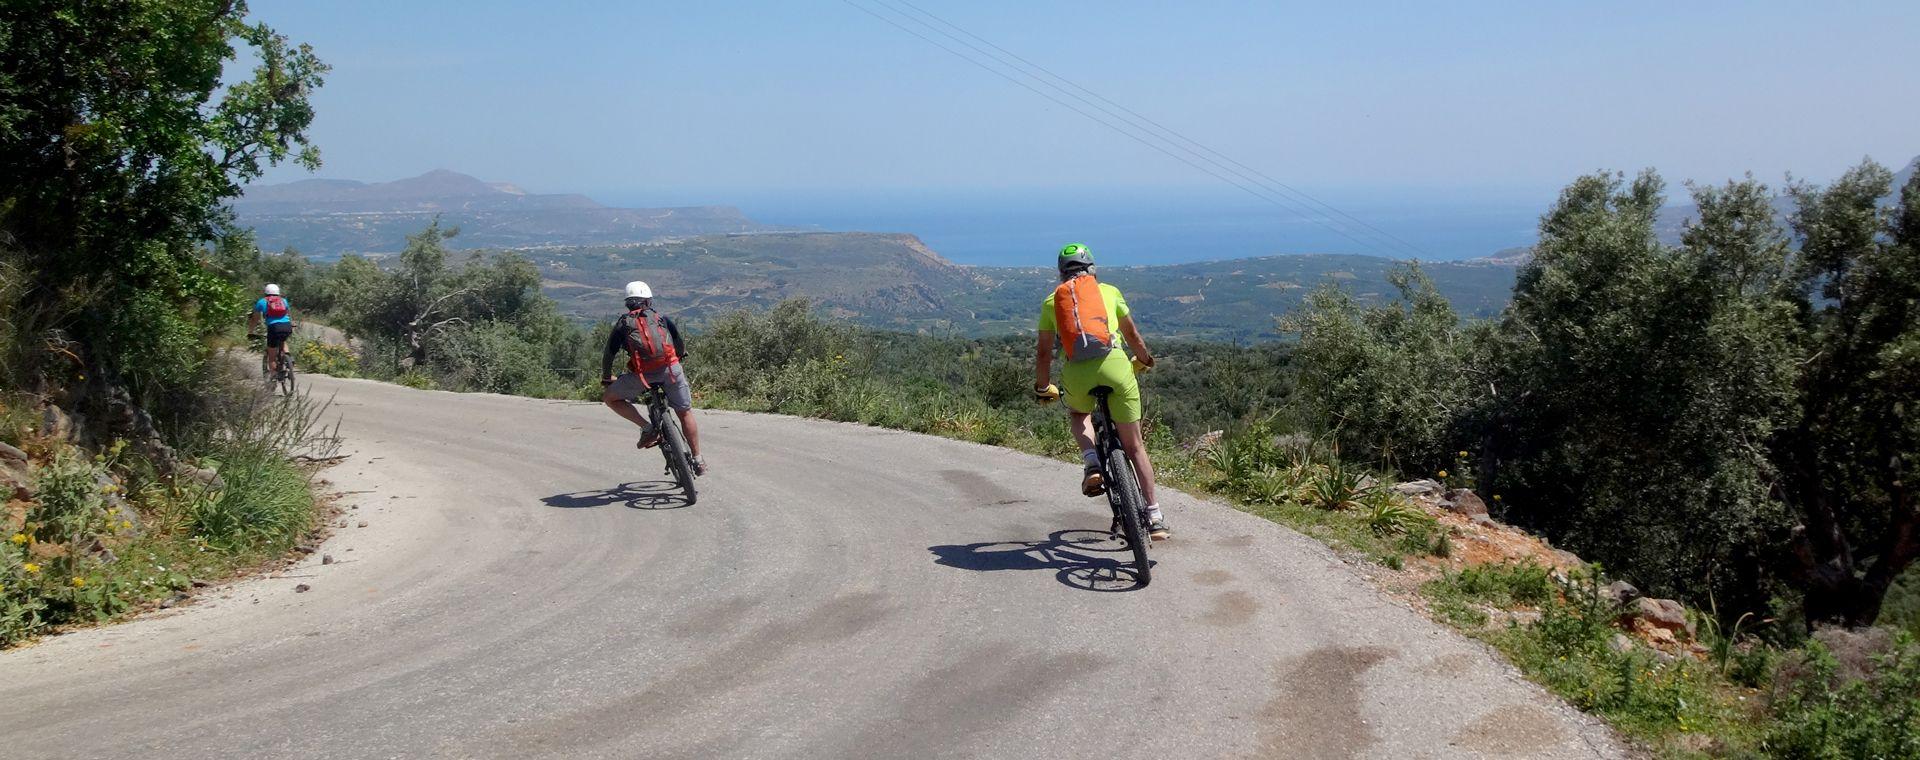 Voyage en véhicule : Traversée de la Crète en vélo à assistance électrique